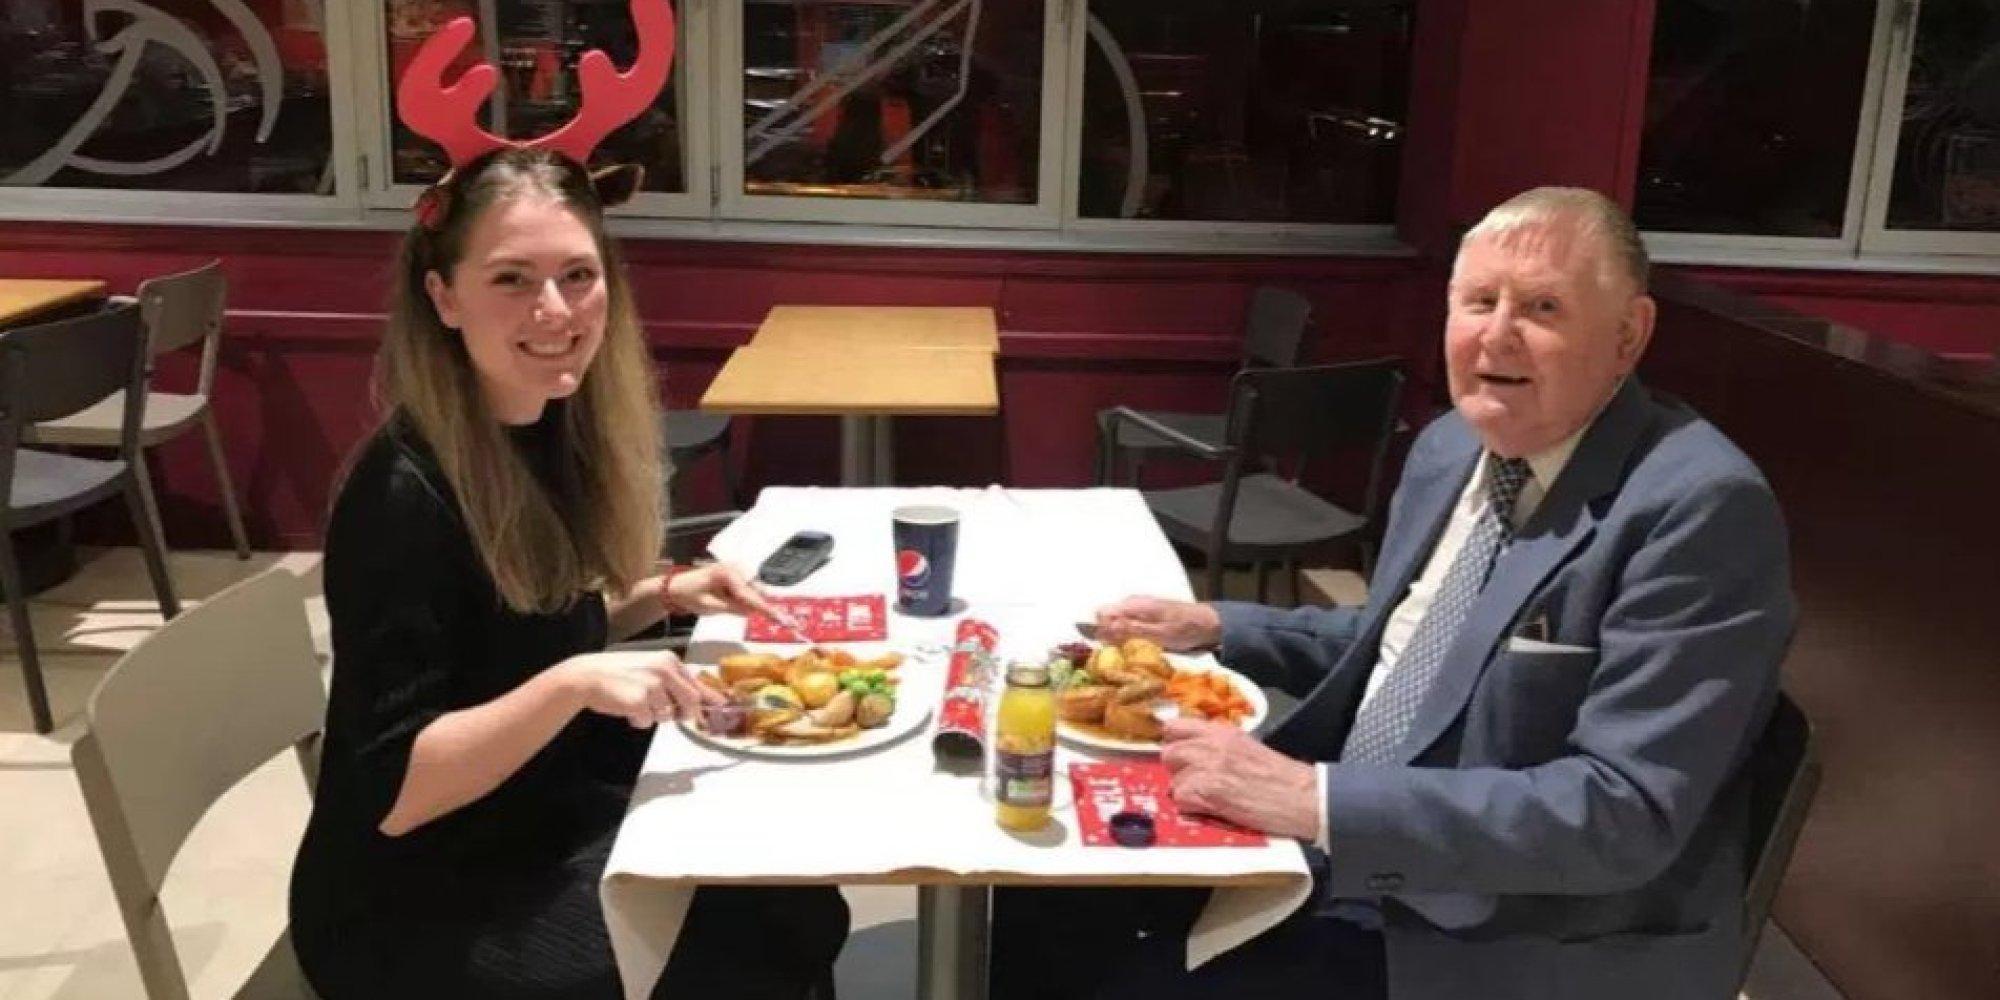 Eine 22-Jährige verbringt Abend mit älterem einsamen Herrn